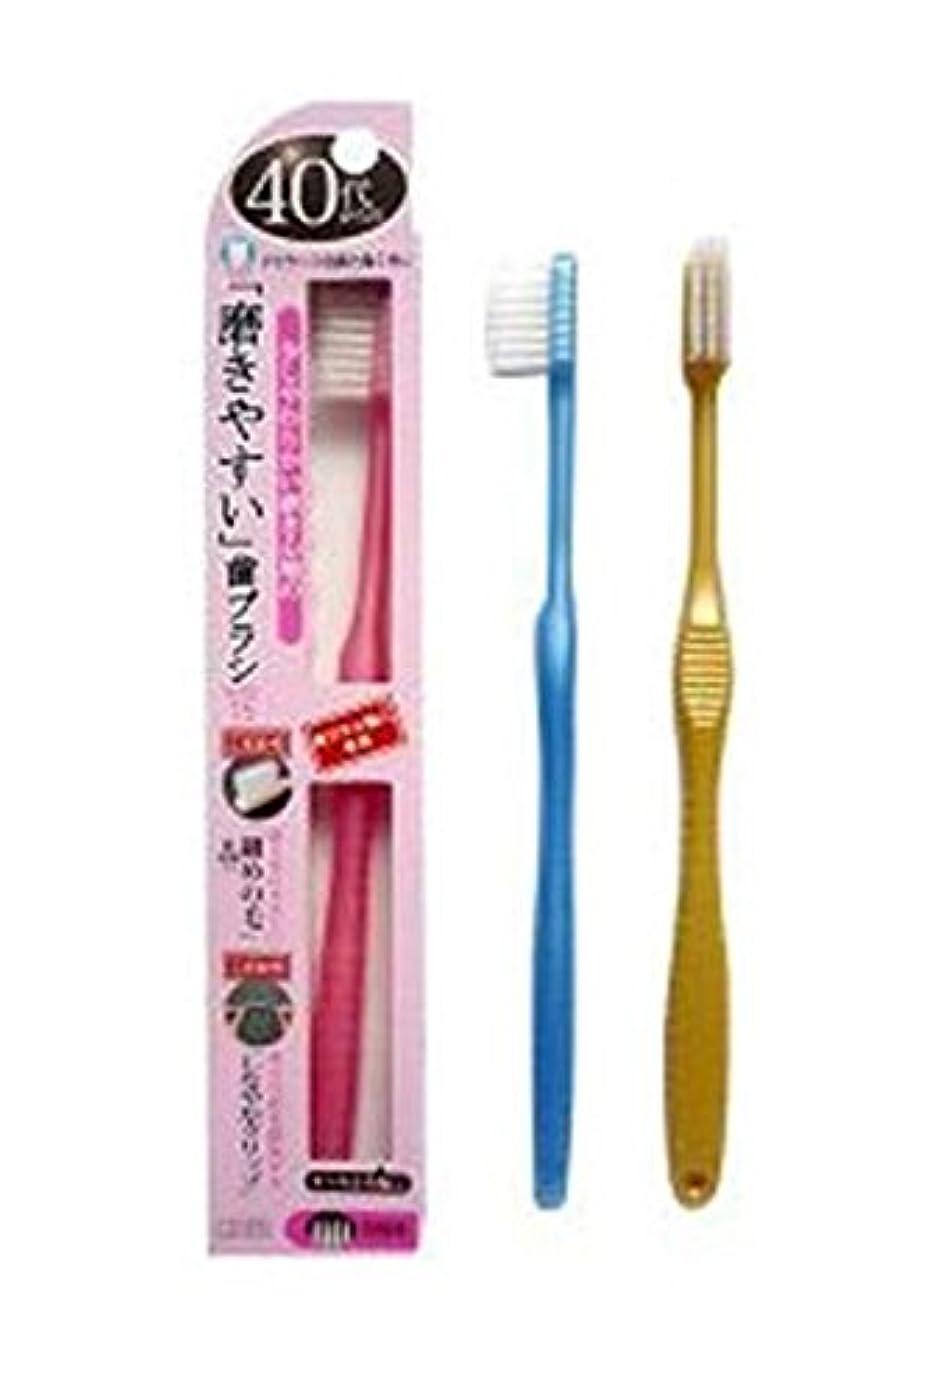 法律によりまだ相談するライフレンジ 40代からの「磨きやすい」歯ブラシ 先細 12本 (ピンク4、ブルー4、ゴールド4)アソート